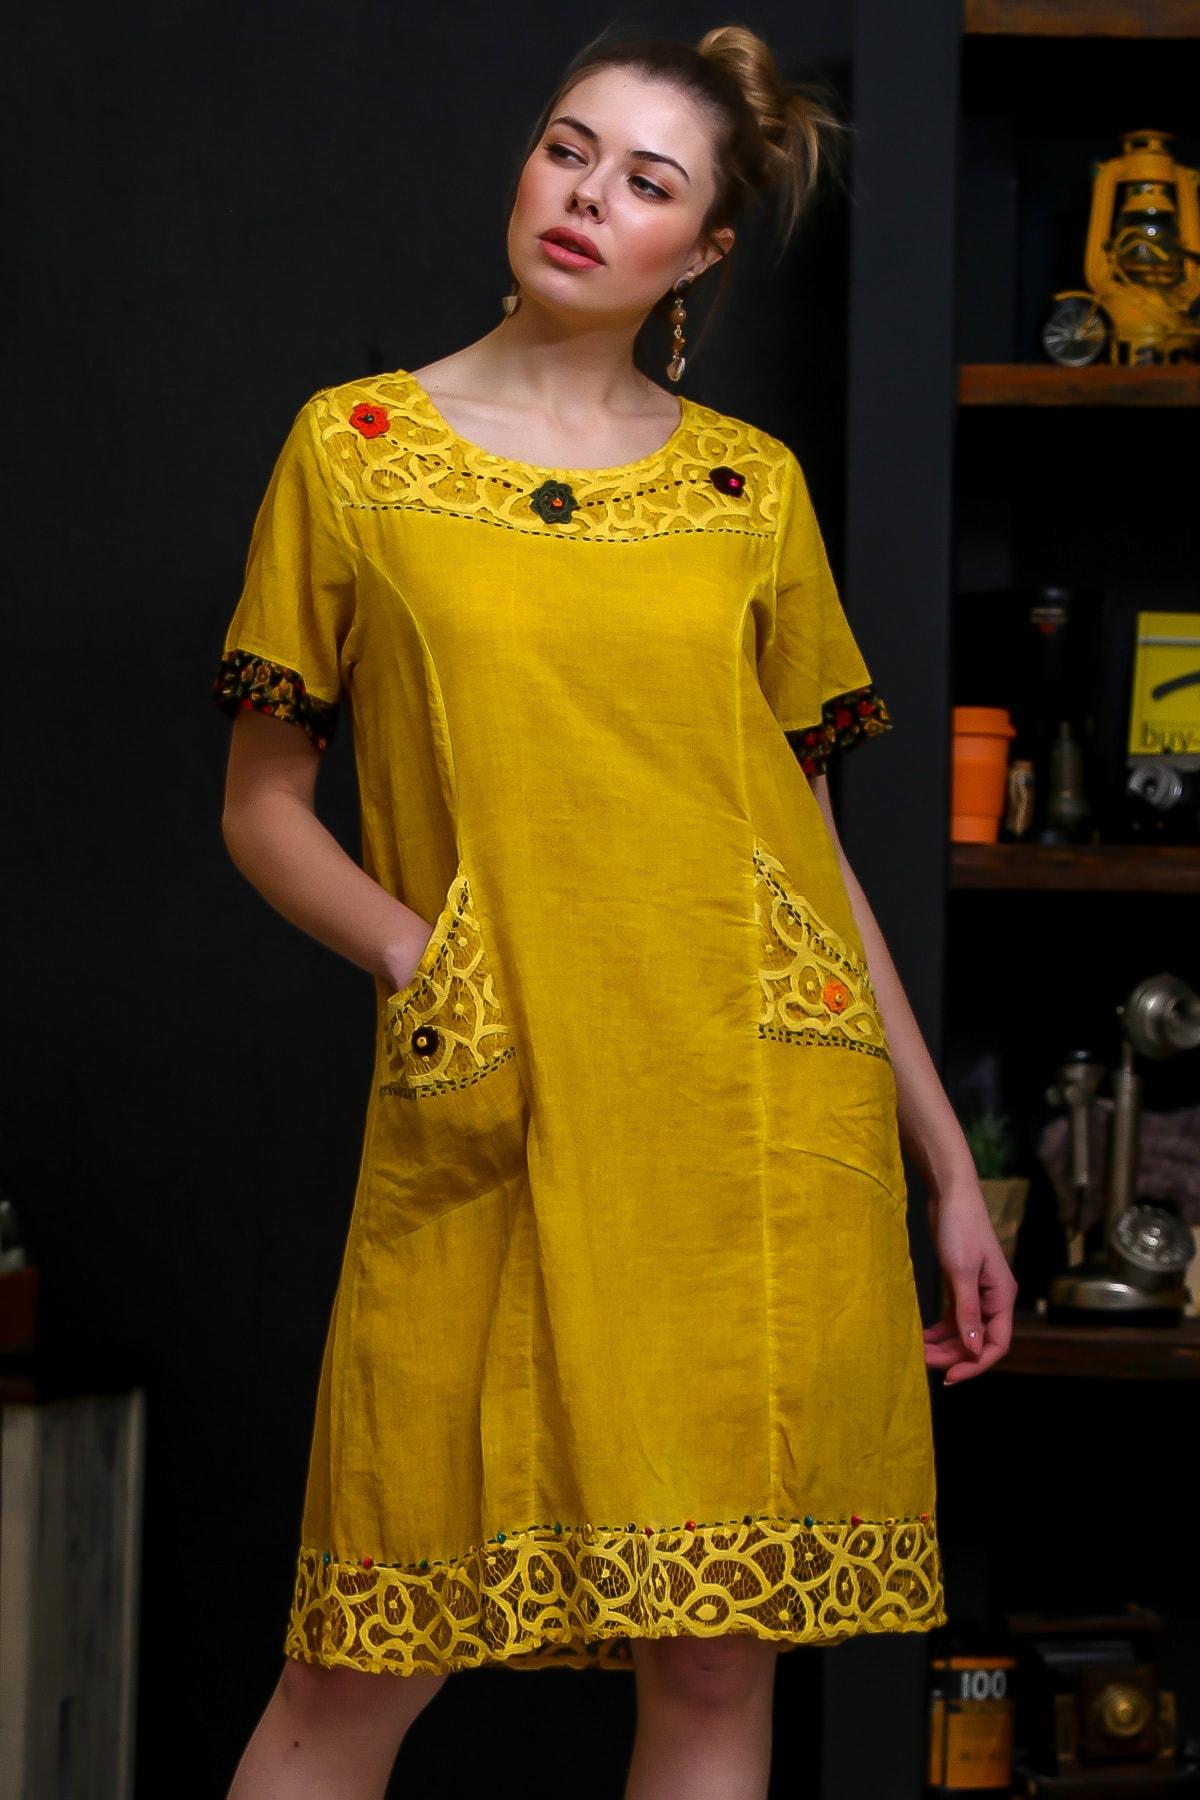 Chiccy Kadın Hardal Robası Dantel El İşi Çiçek Detay Cepli Astarlı Yıkamalı Dokuma Elbise M10160000EL95870 1